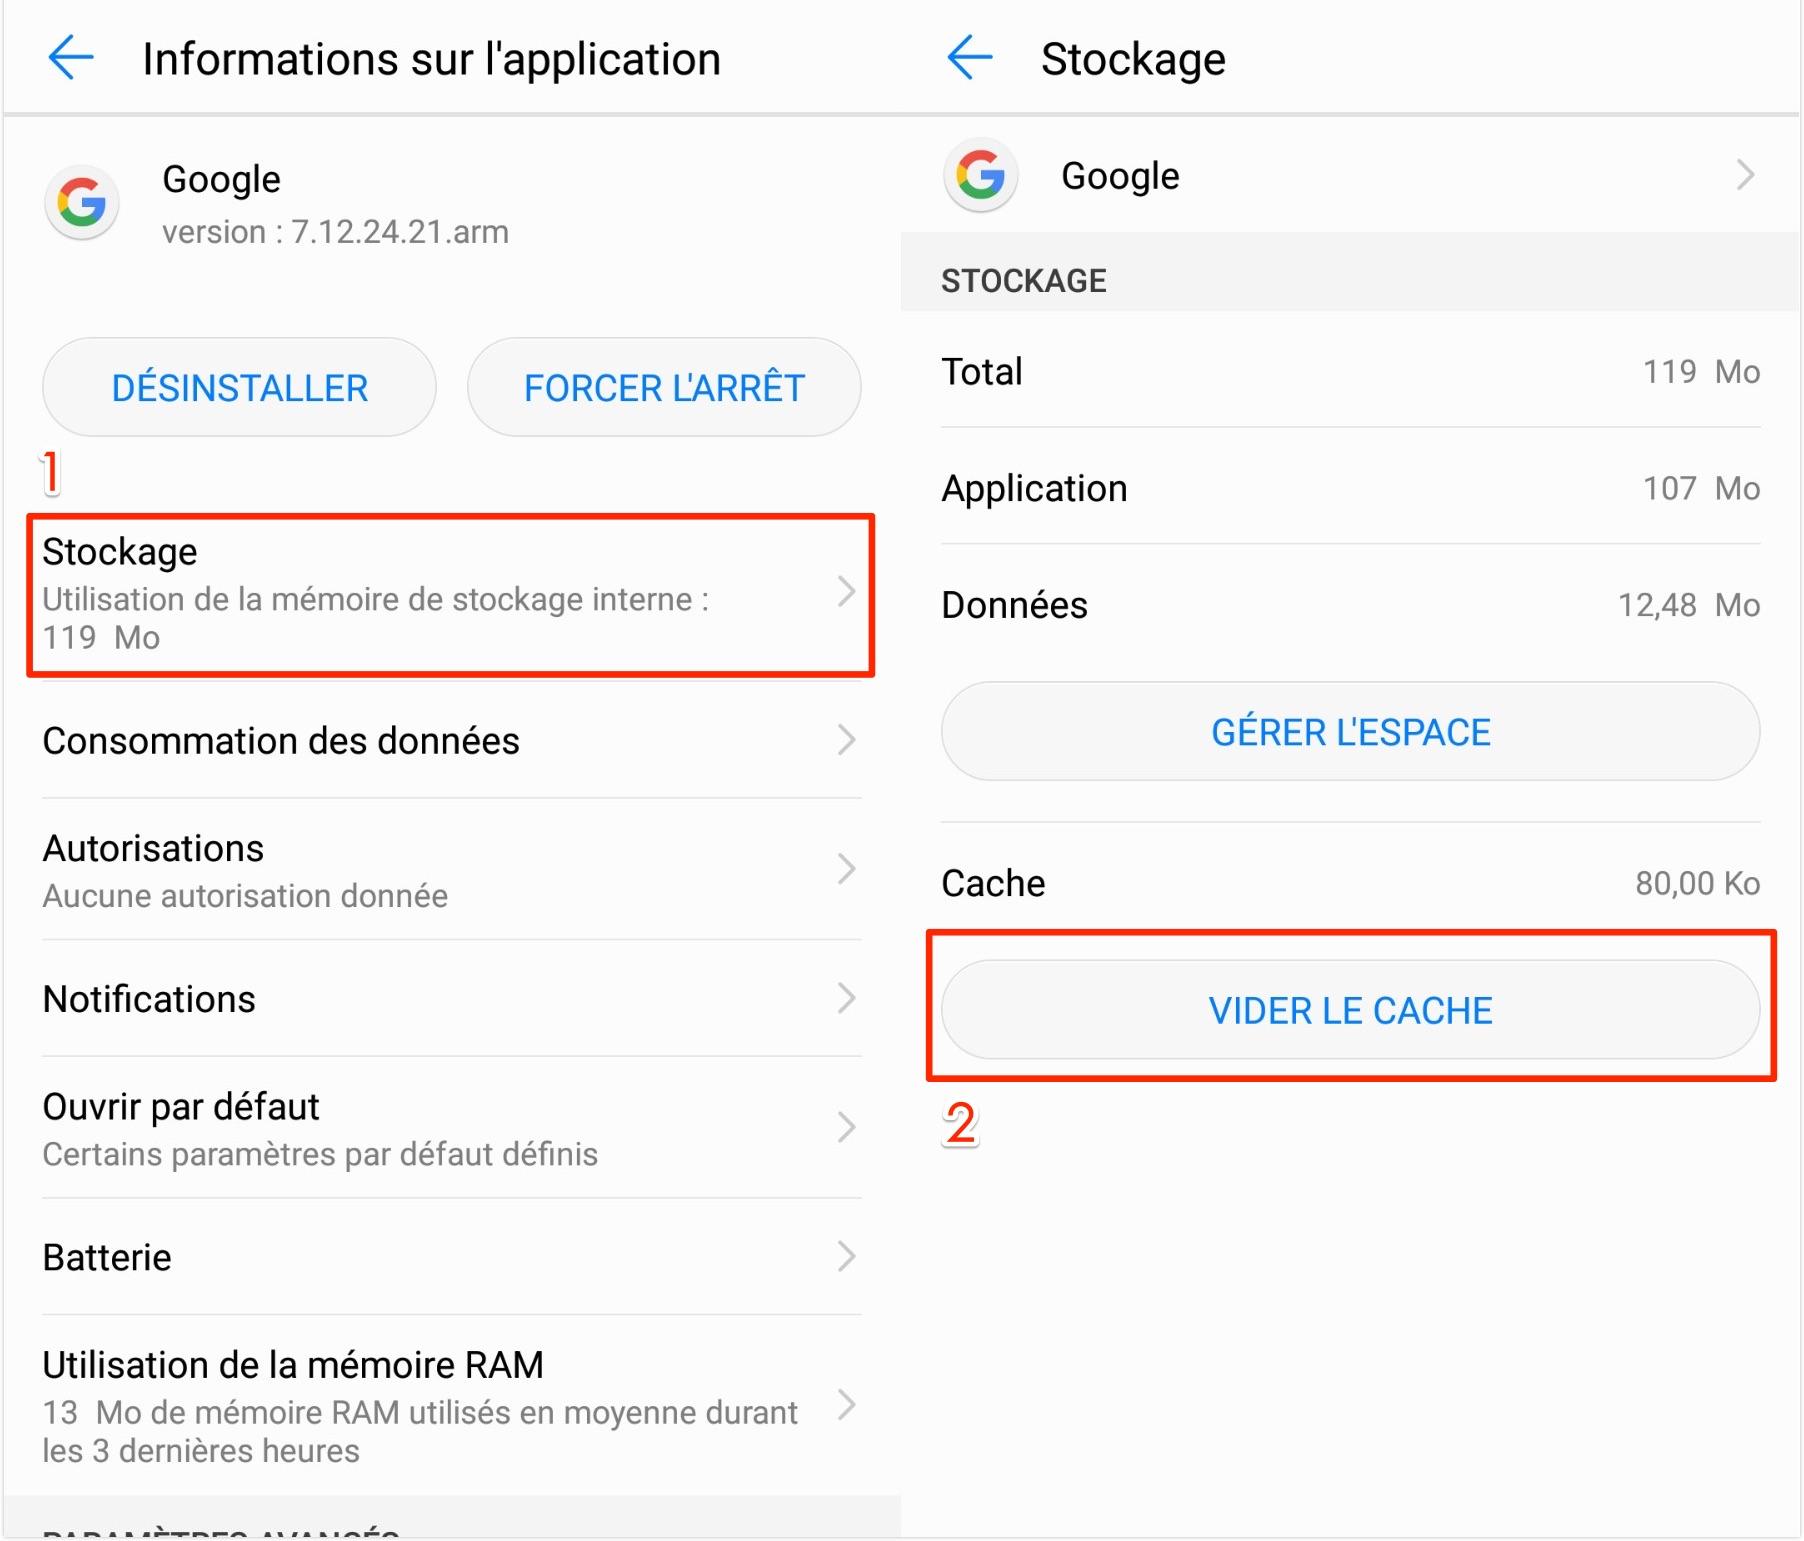 Effacer les caches de Google sur téléphone Android - étape 3